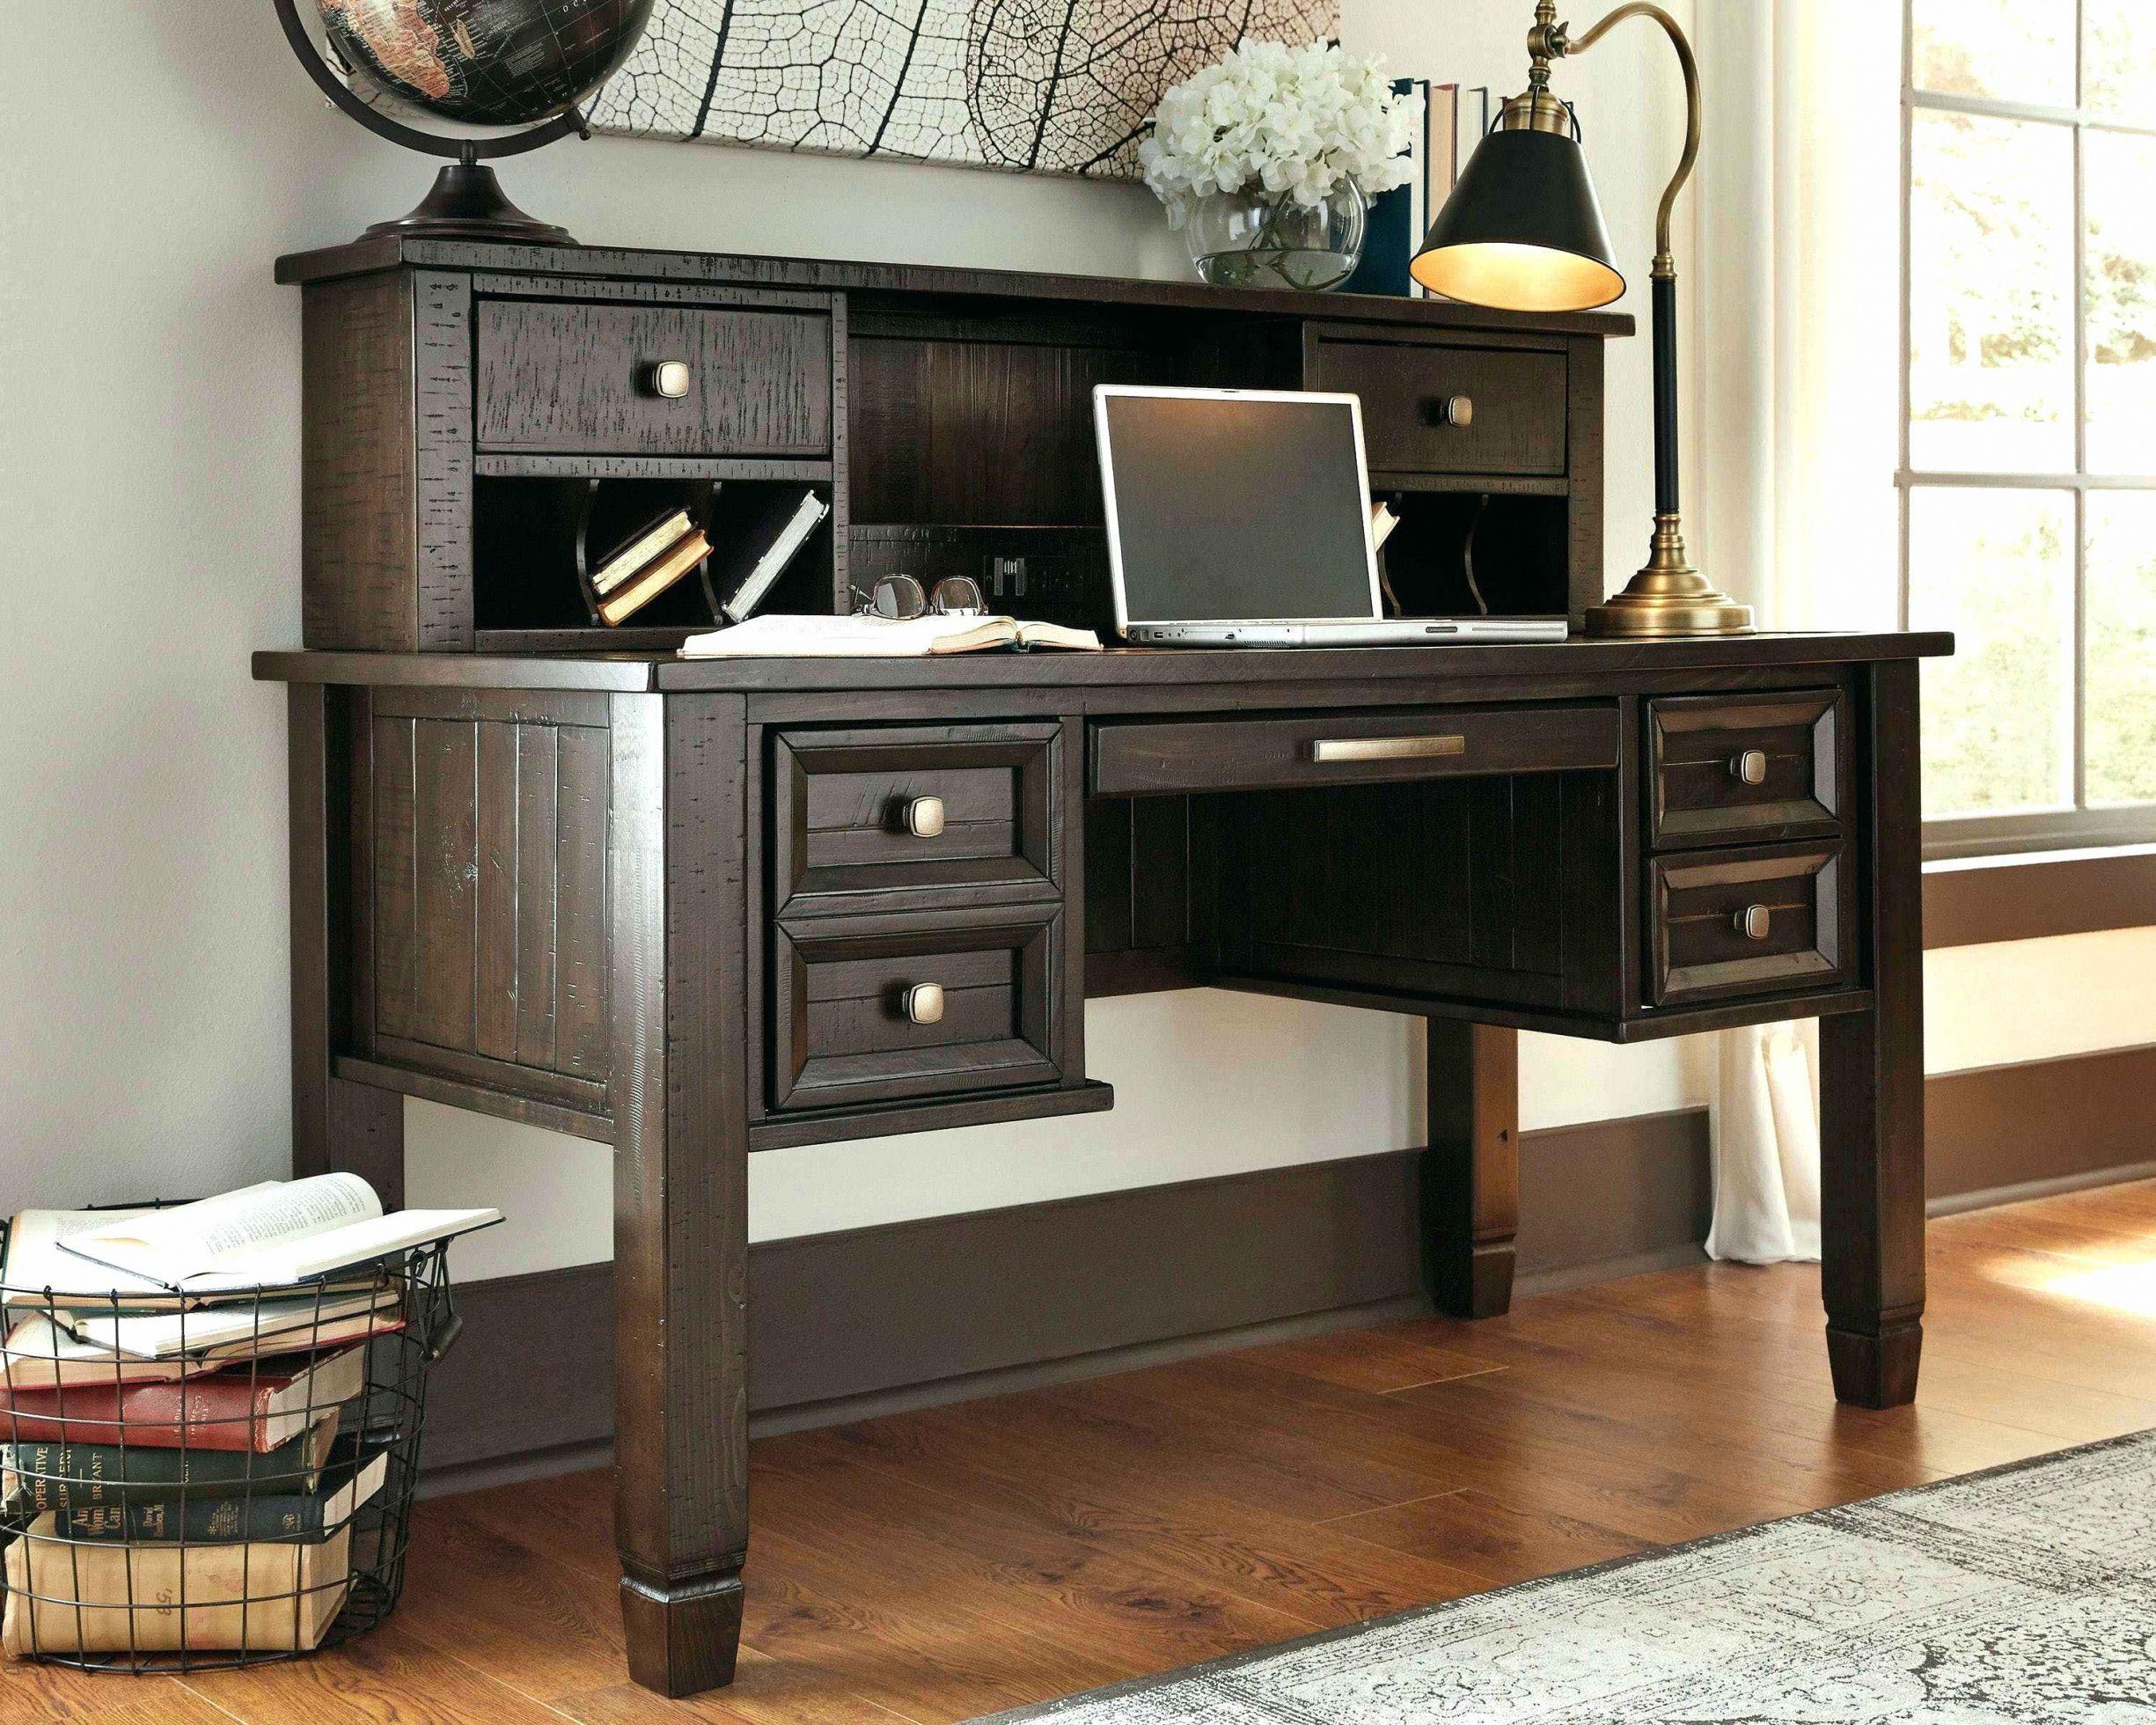 99+ Corner Desk Costco   Rustic Home Office Furniture Check More At  Http://www.sewcraftyjenn.com/corner Desk Costco/